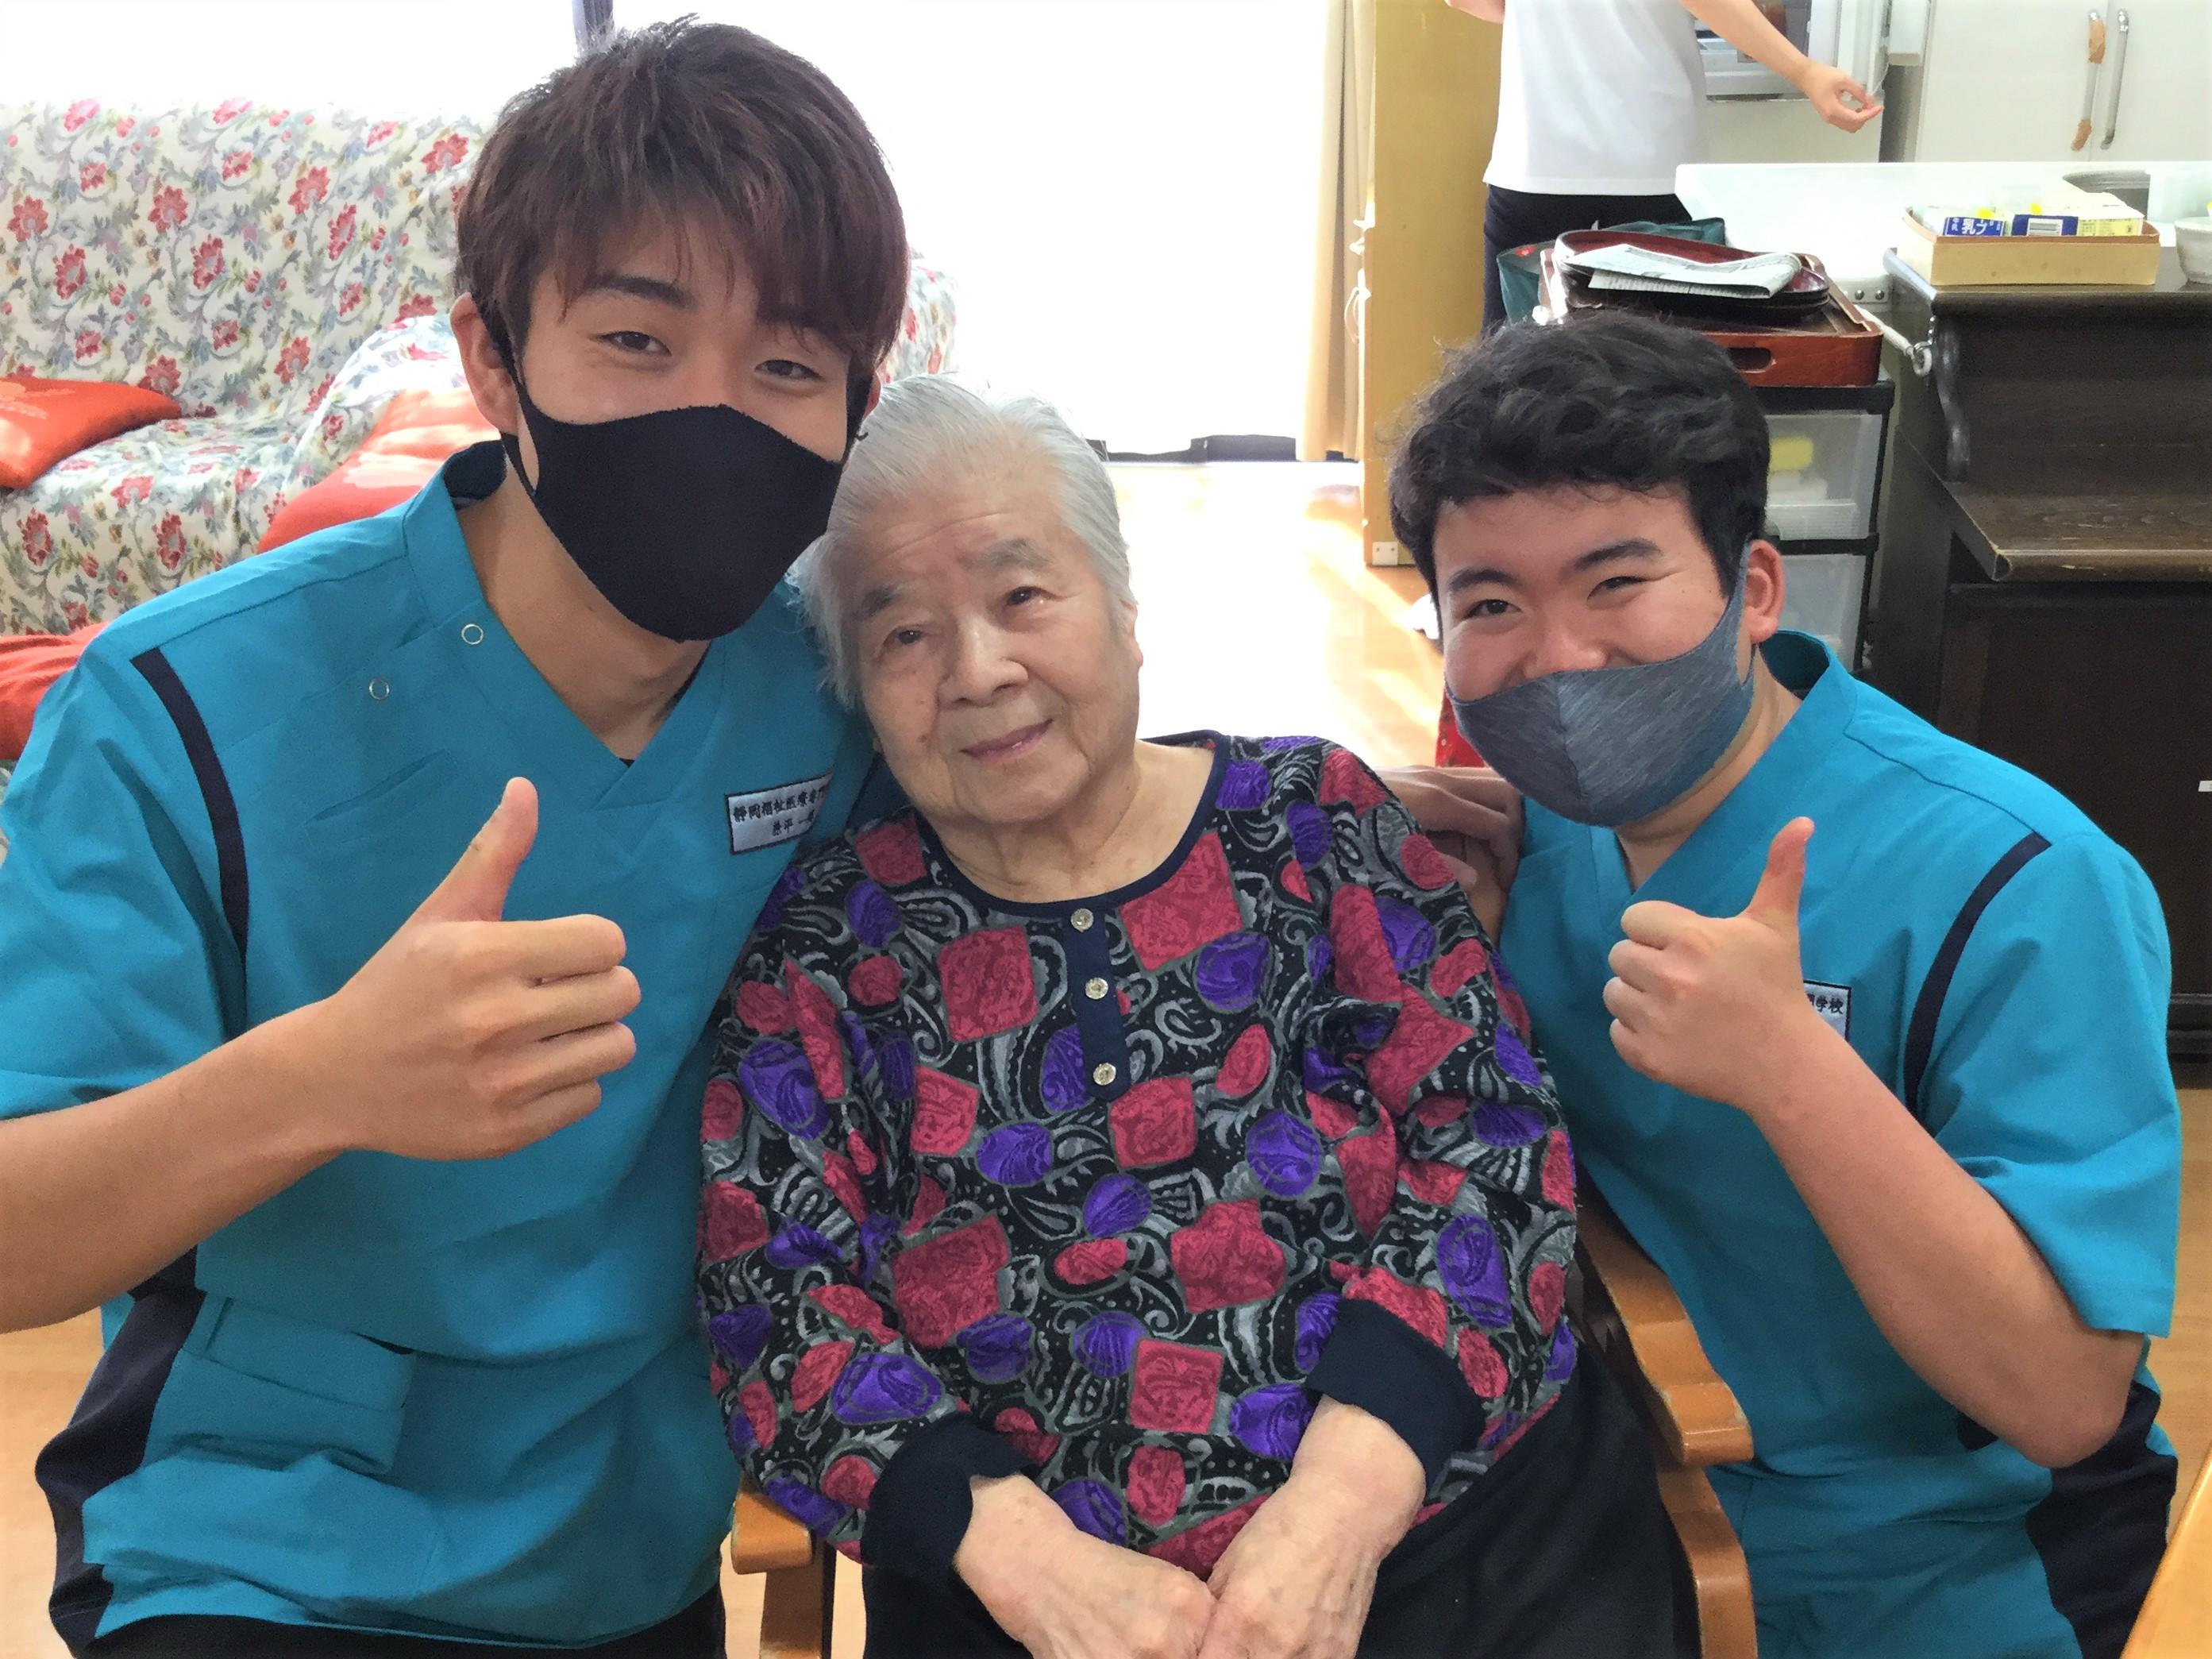 https://blog.magokorokaigo.com/staffblog/bantyo-sh/034%20%282%29_20210712.JPG